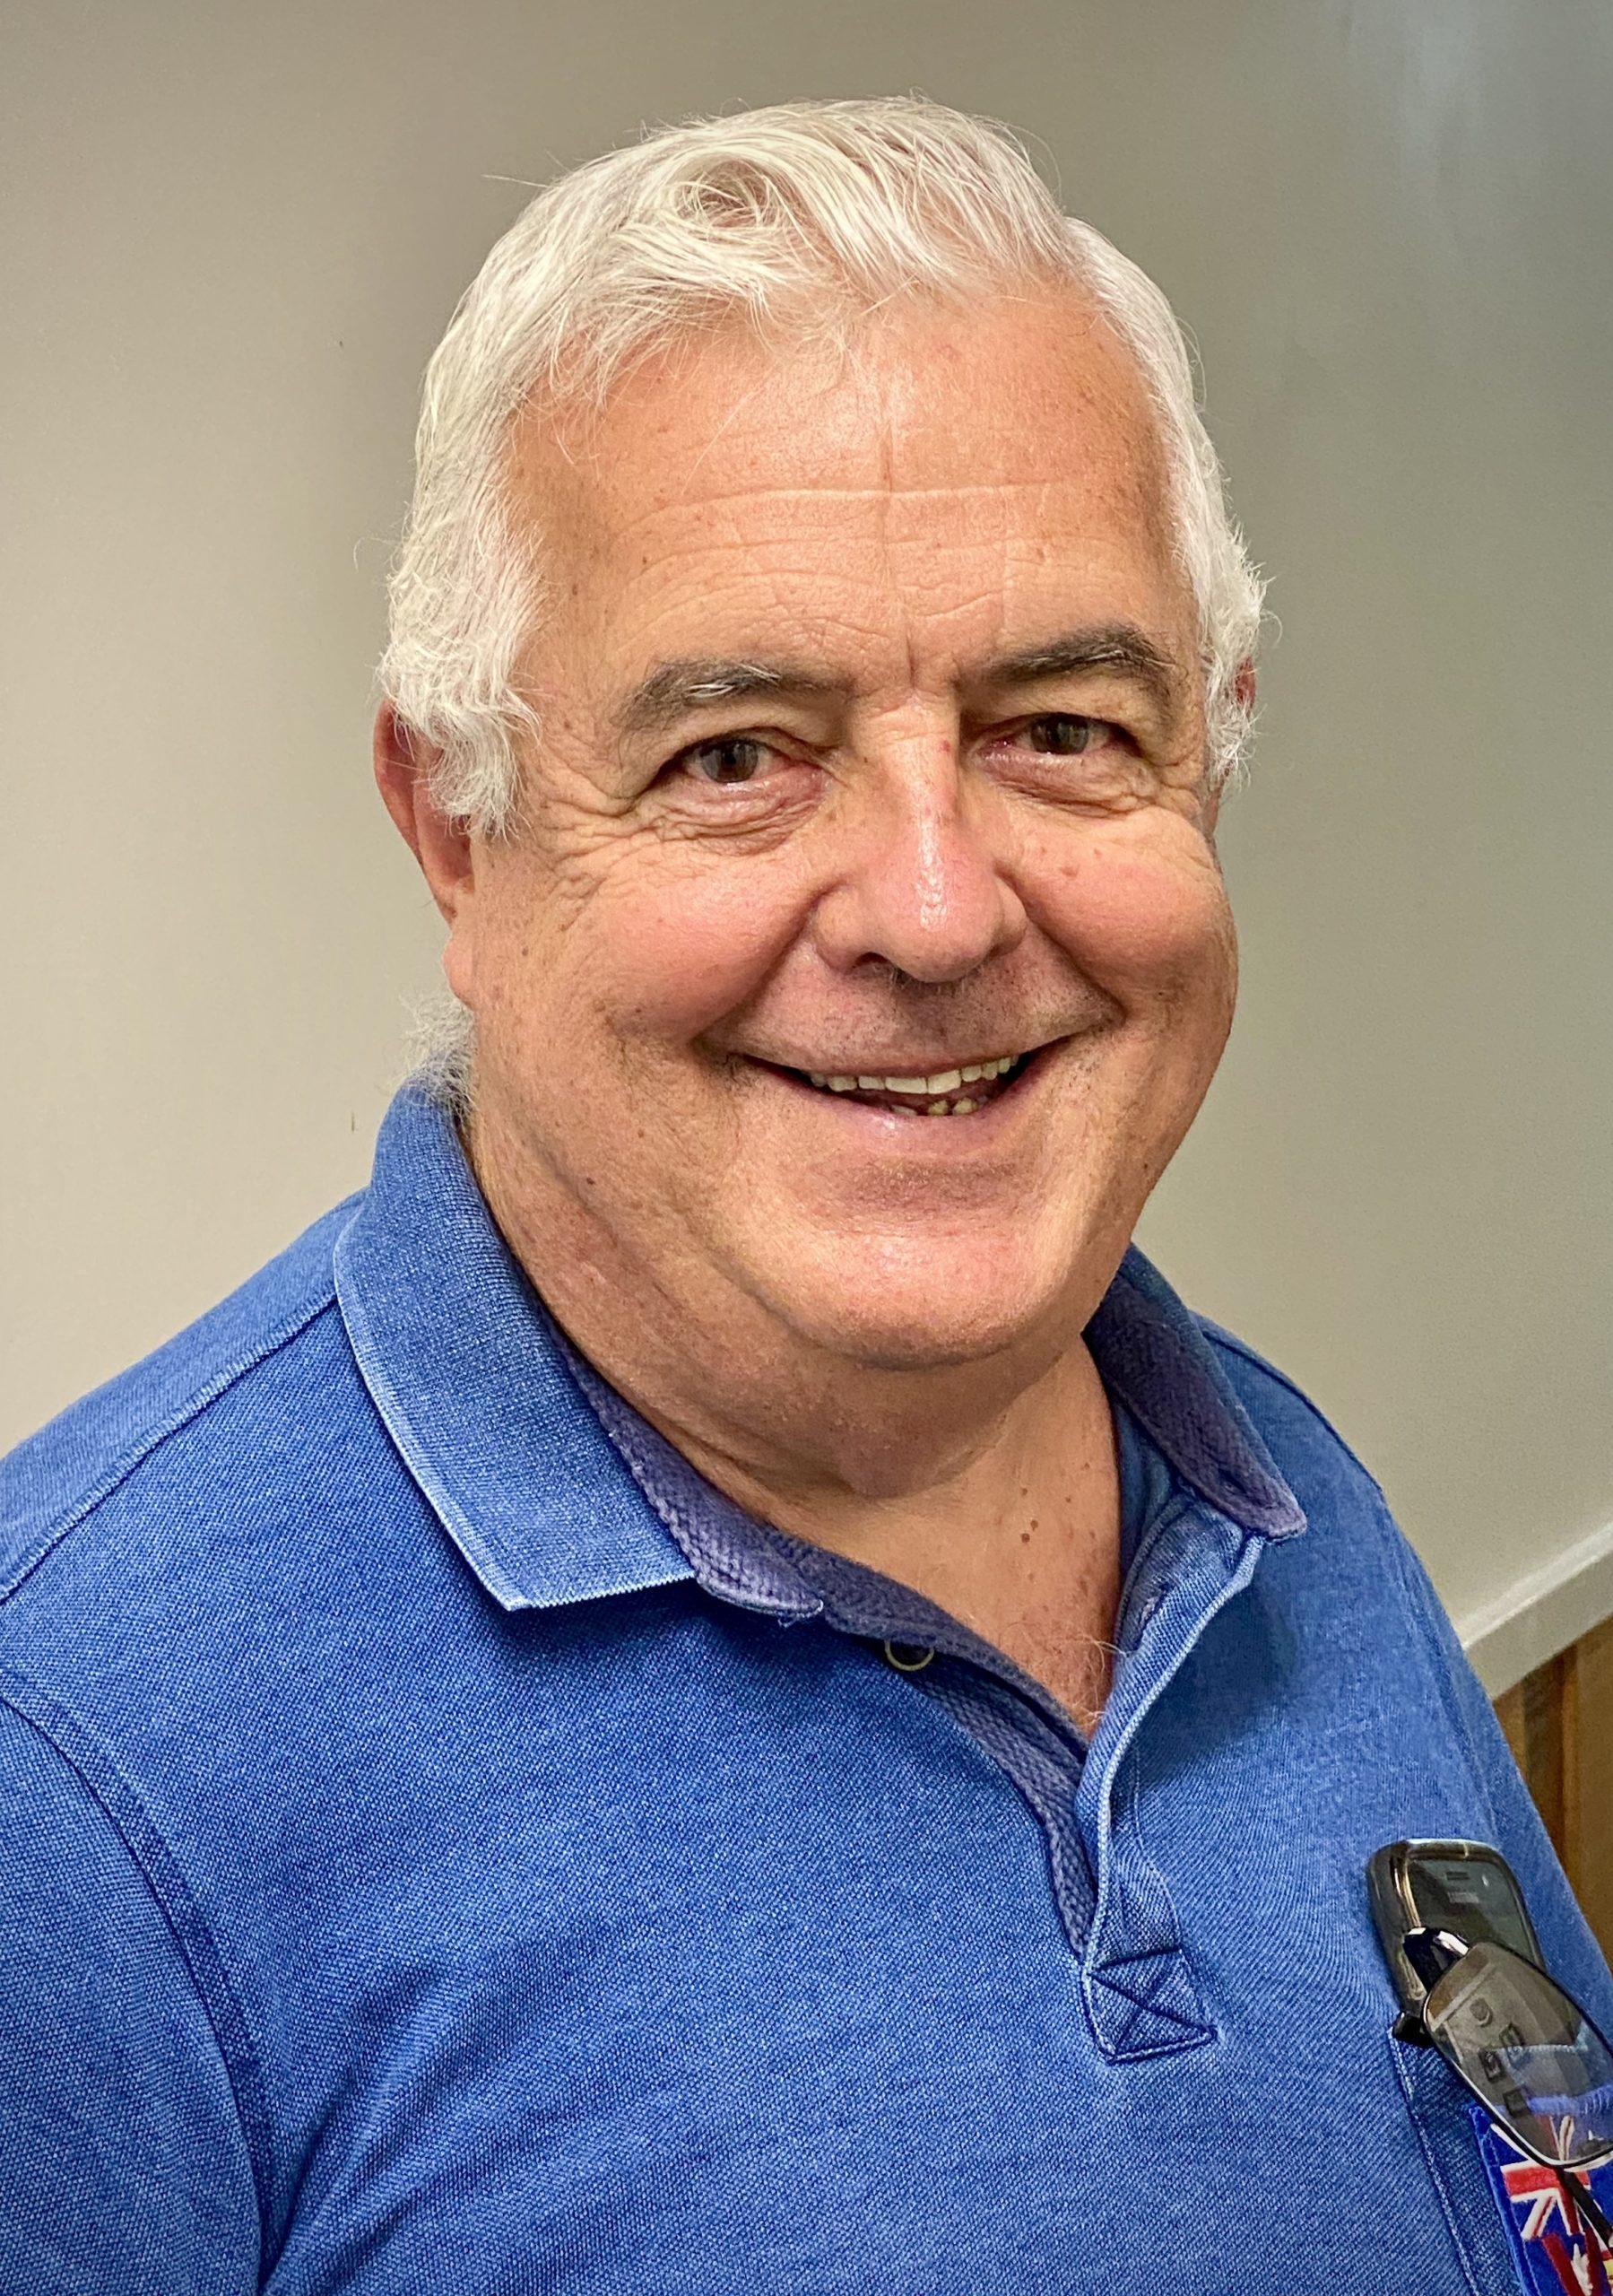 Peter Handy